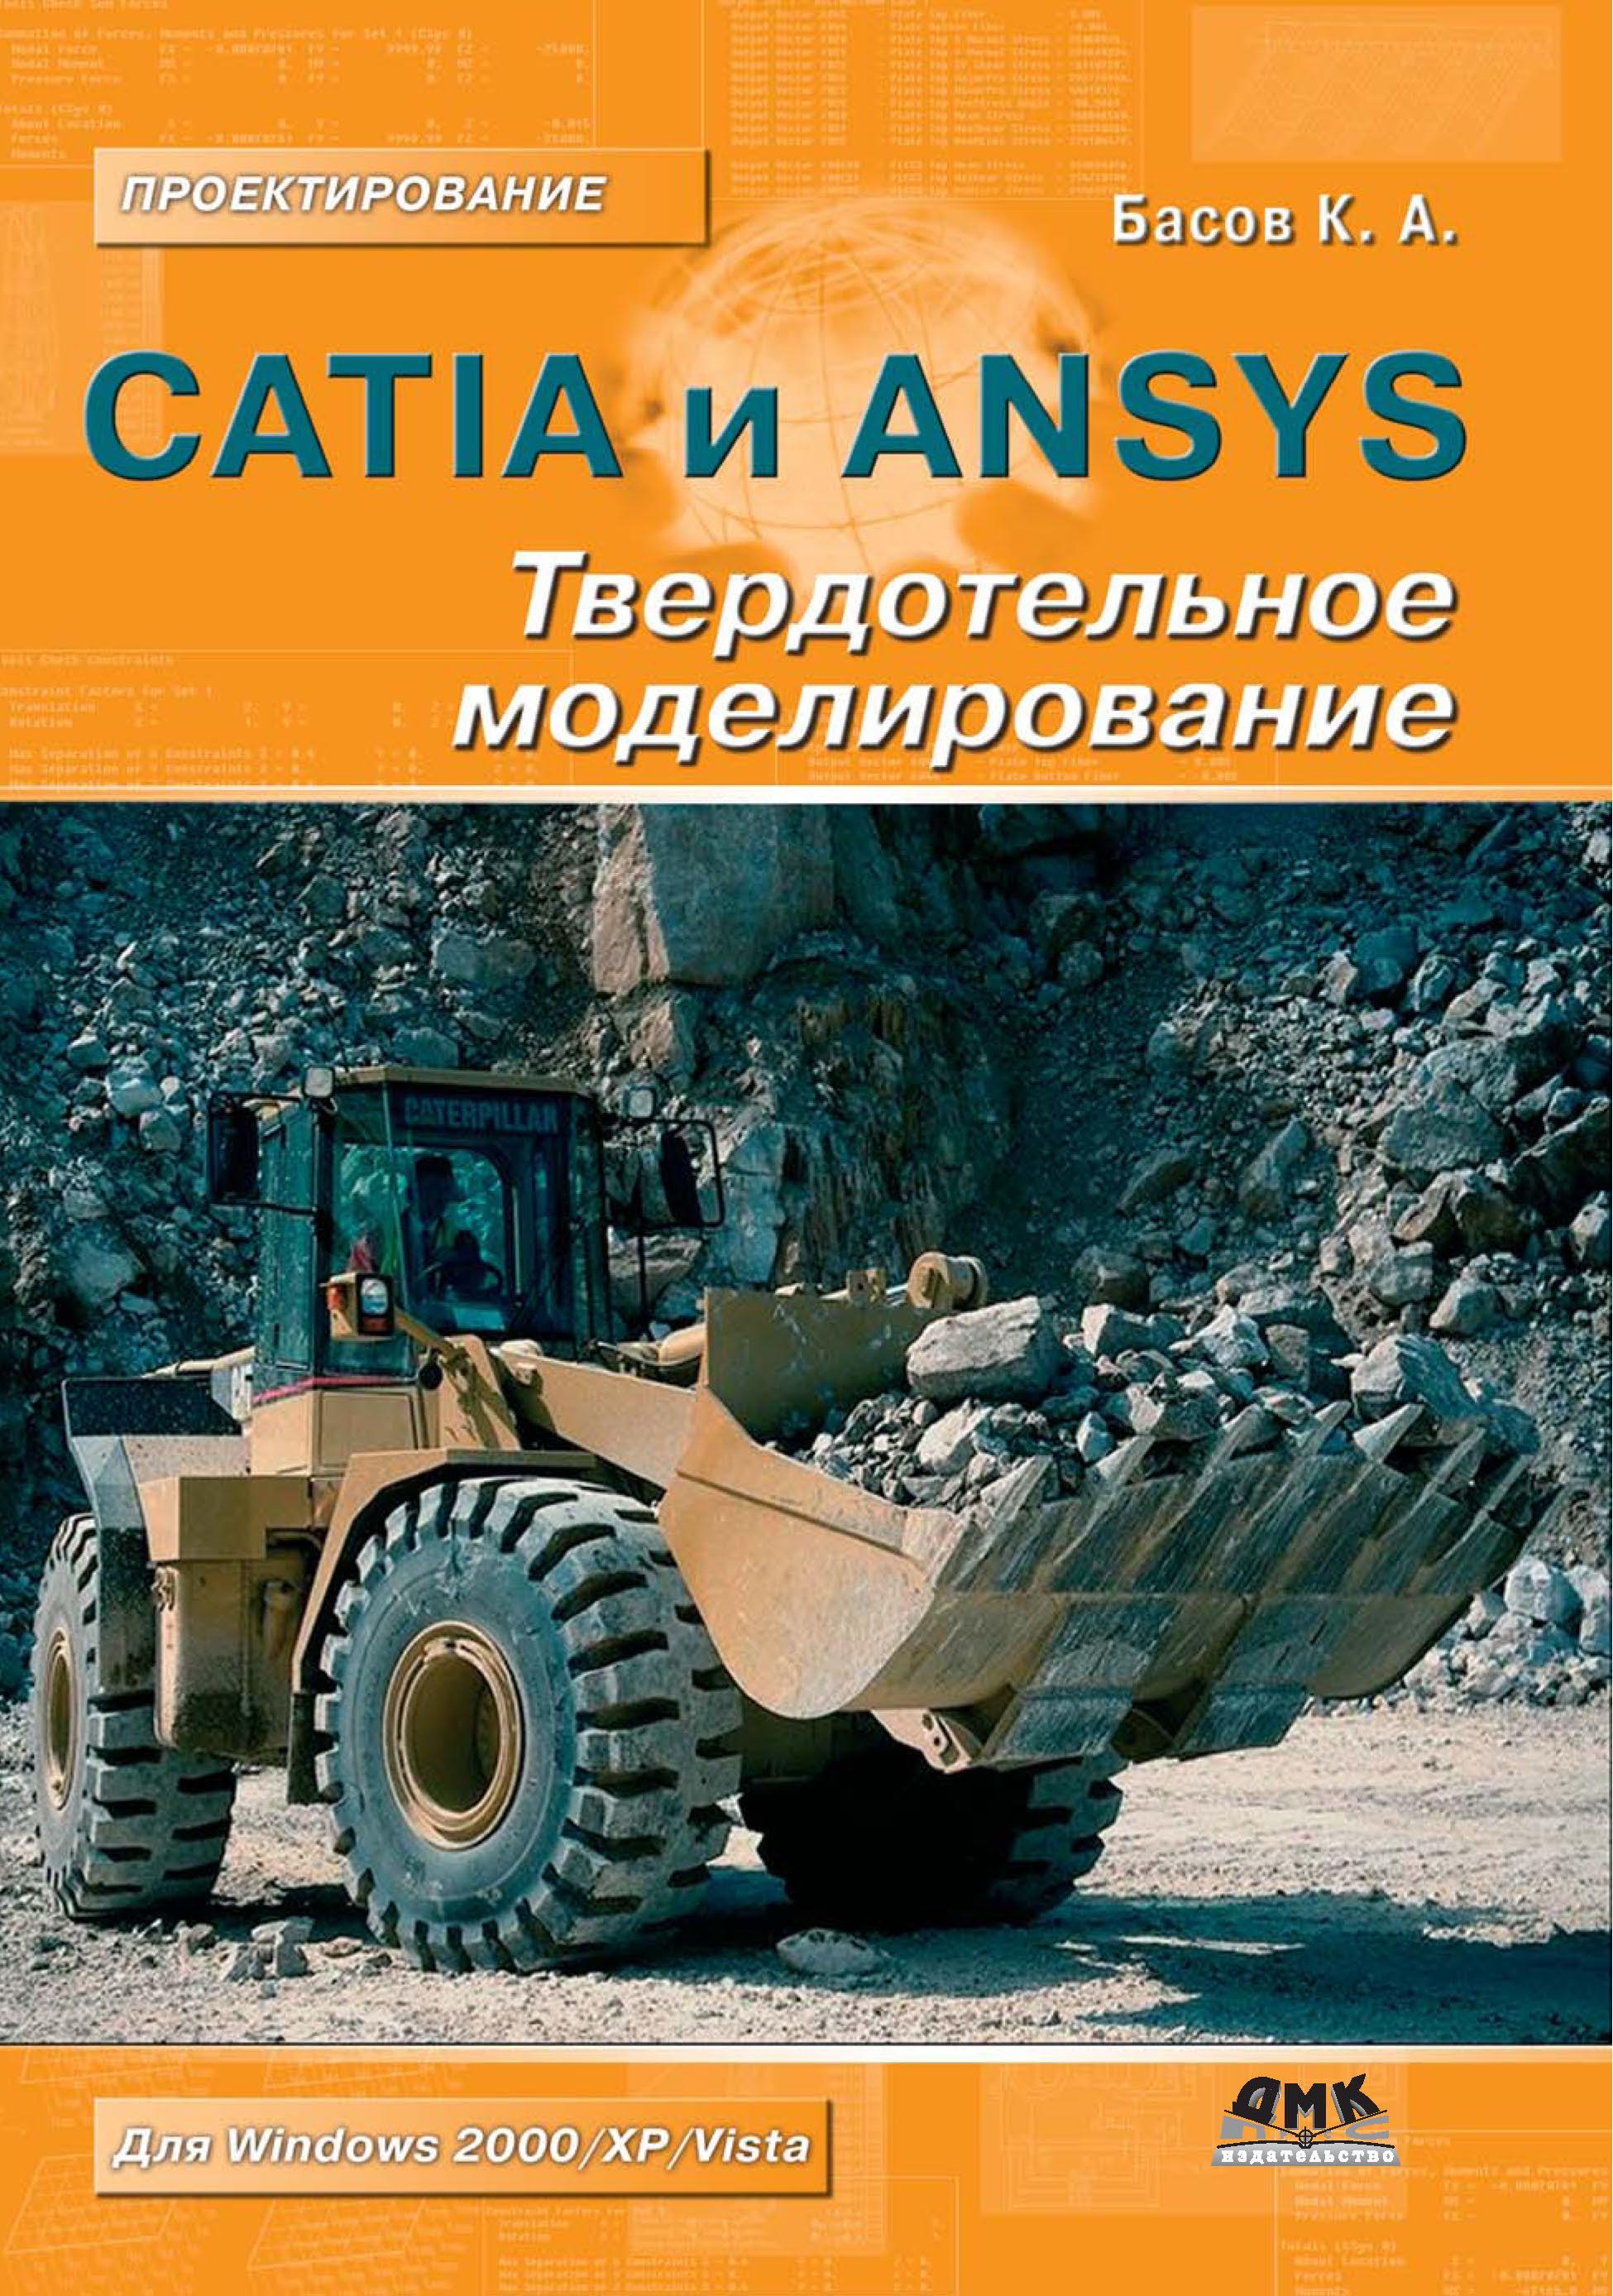 К. А. Басов CATIA и ANSYS. Твердотельное моделирование